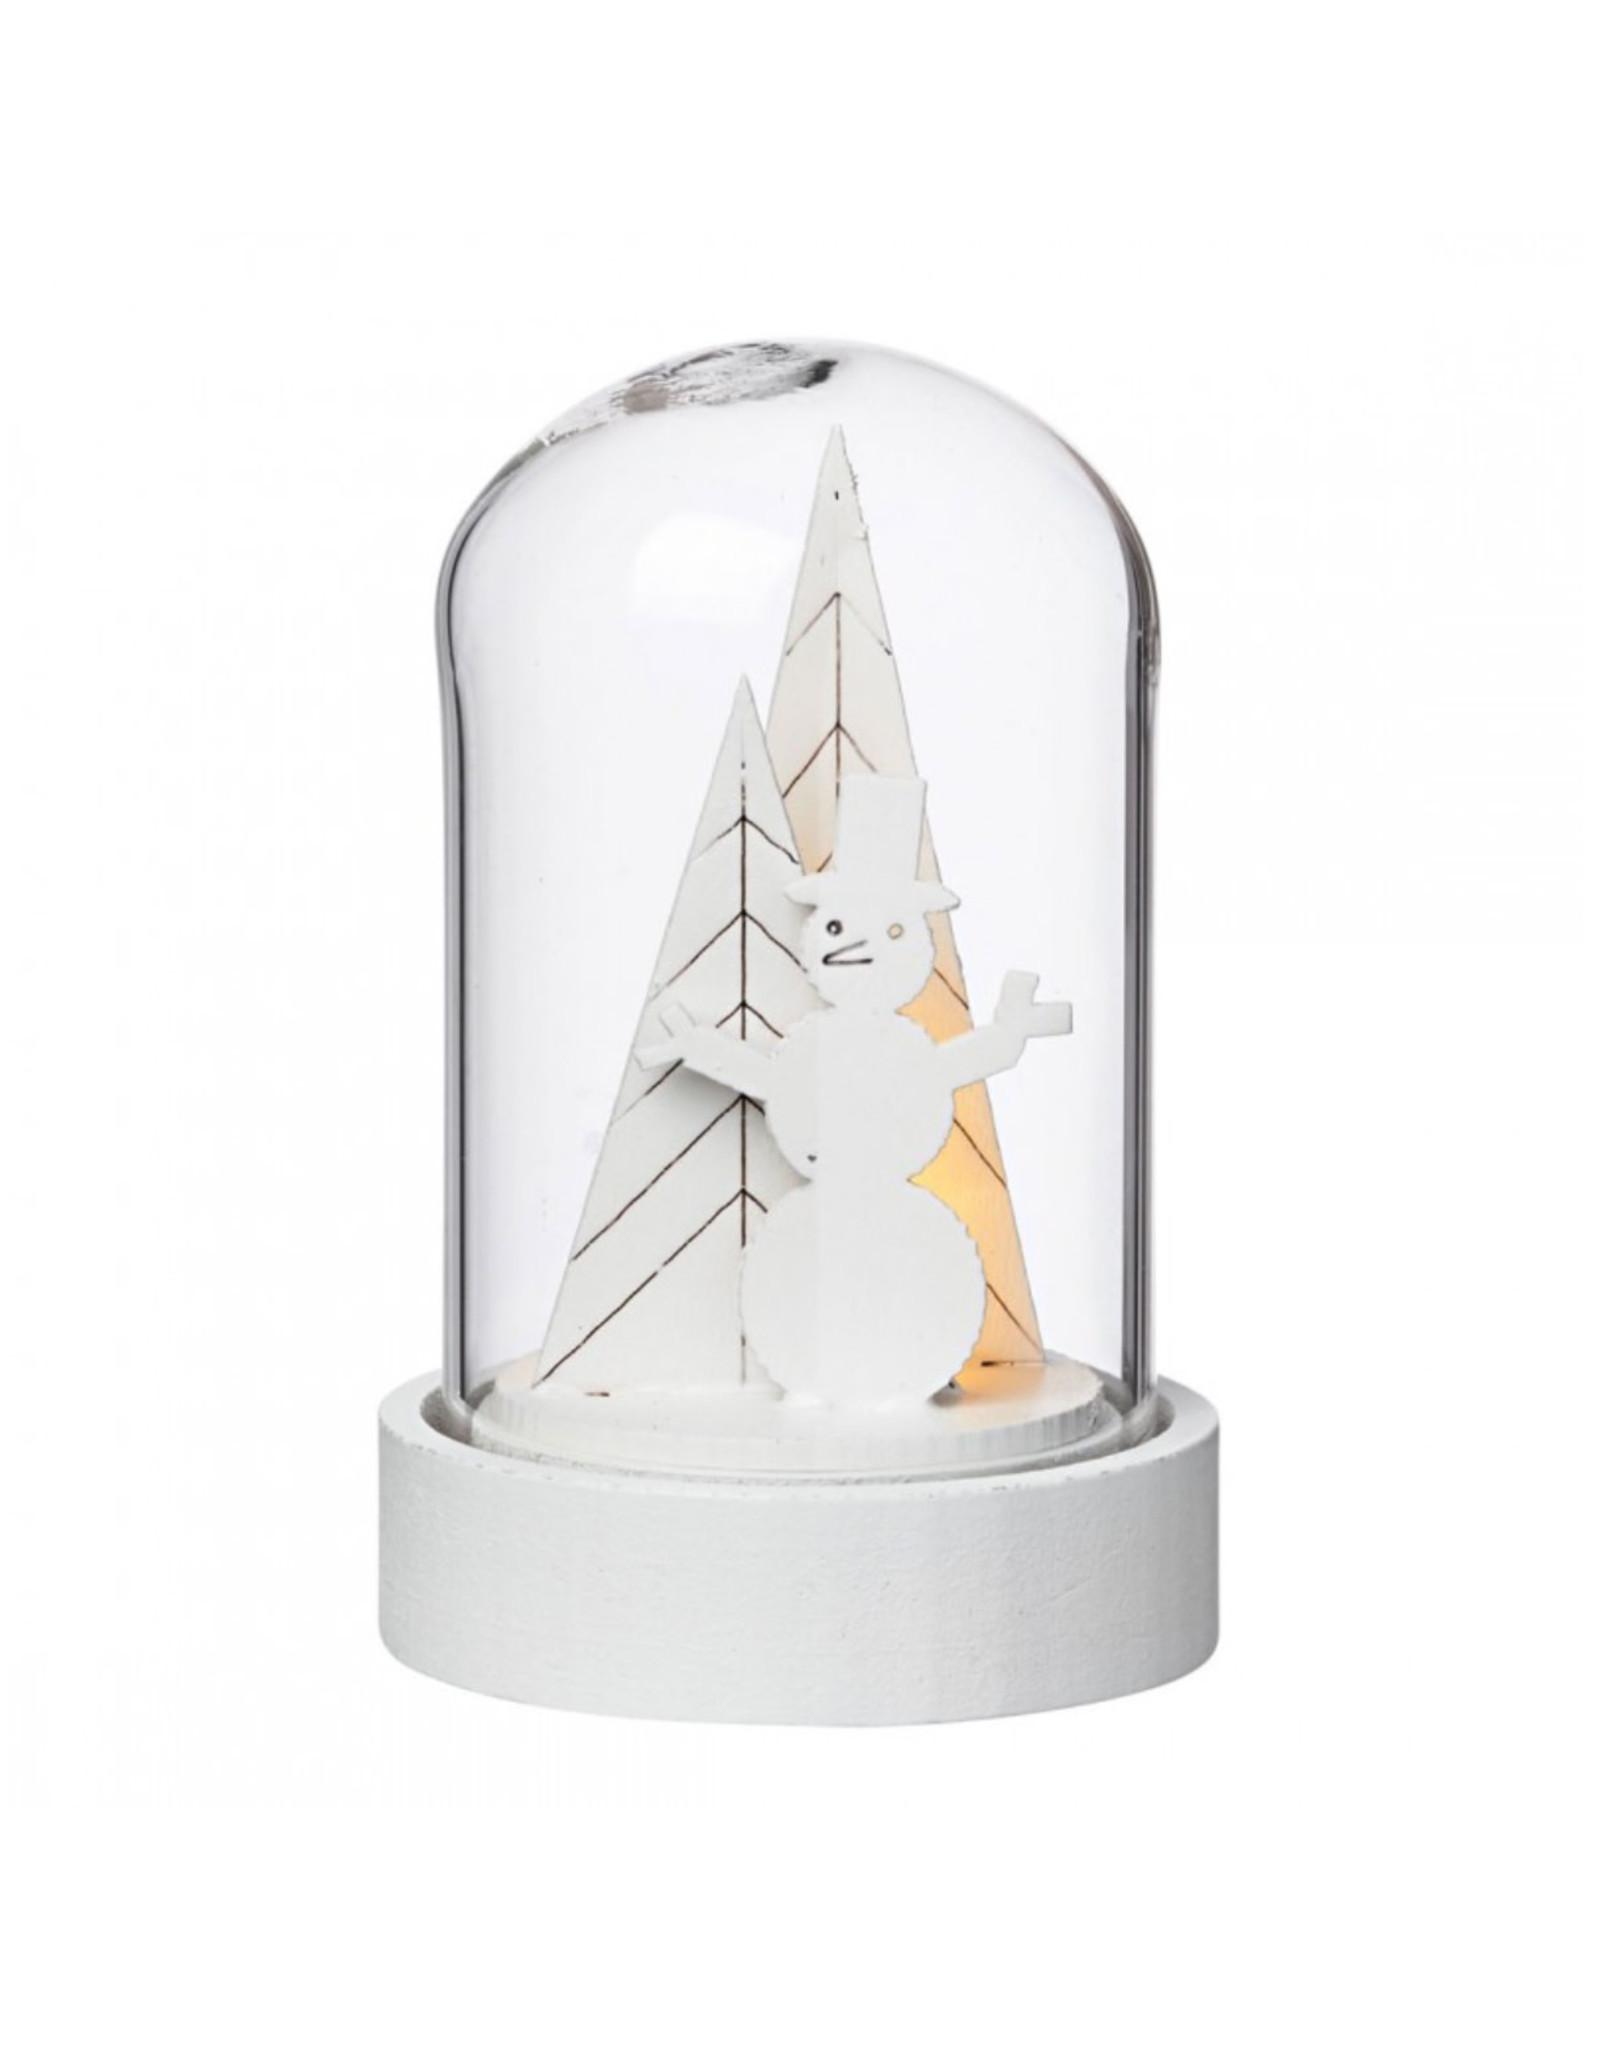 Raeder Stolp - mini led - kerstboom met sneeuwman